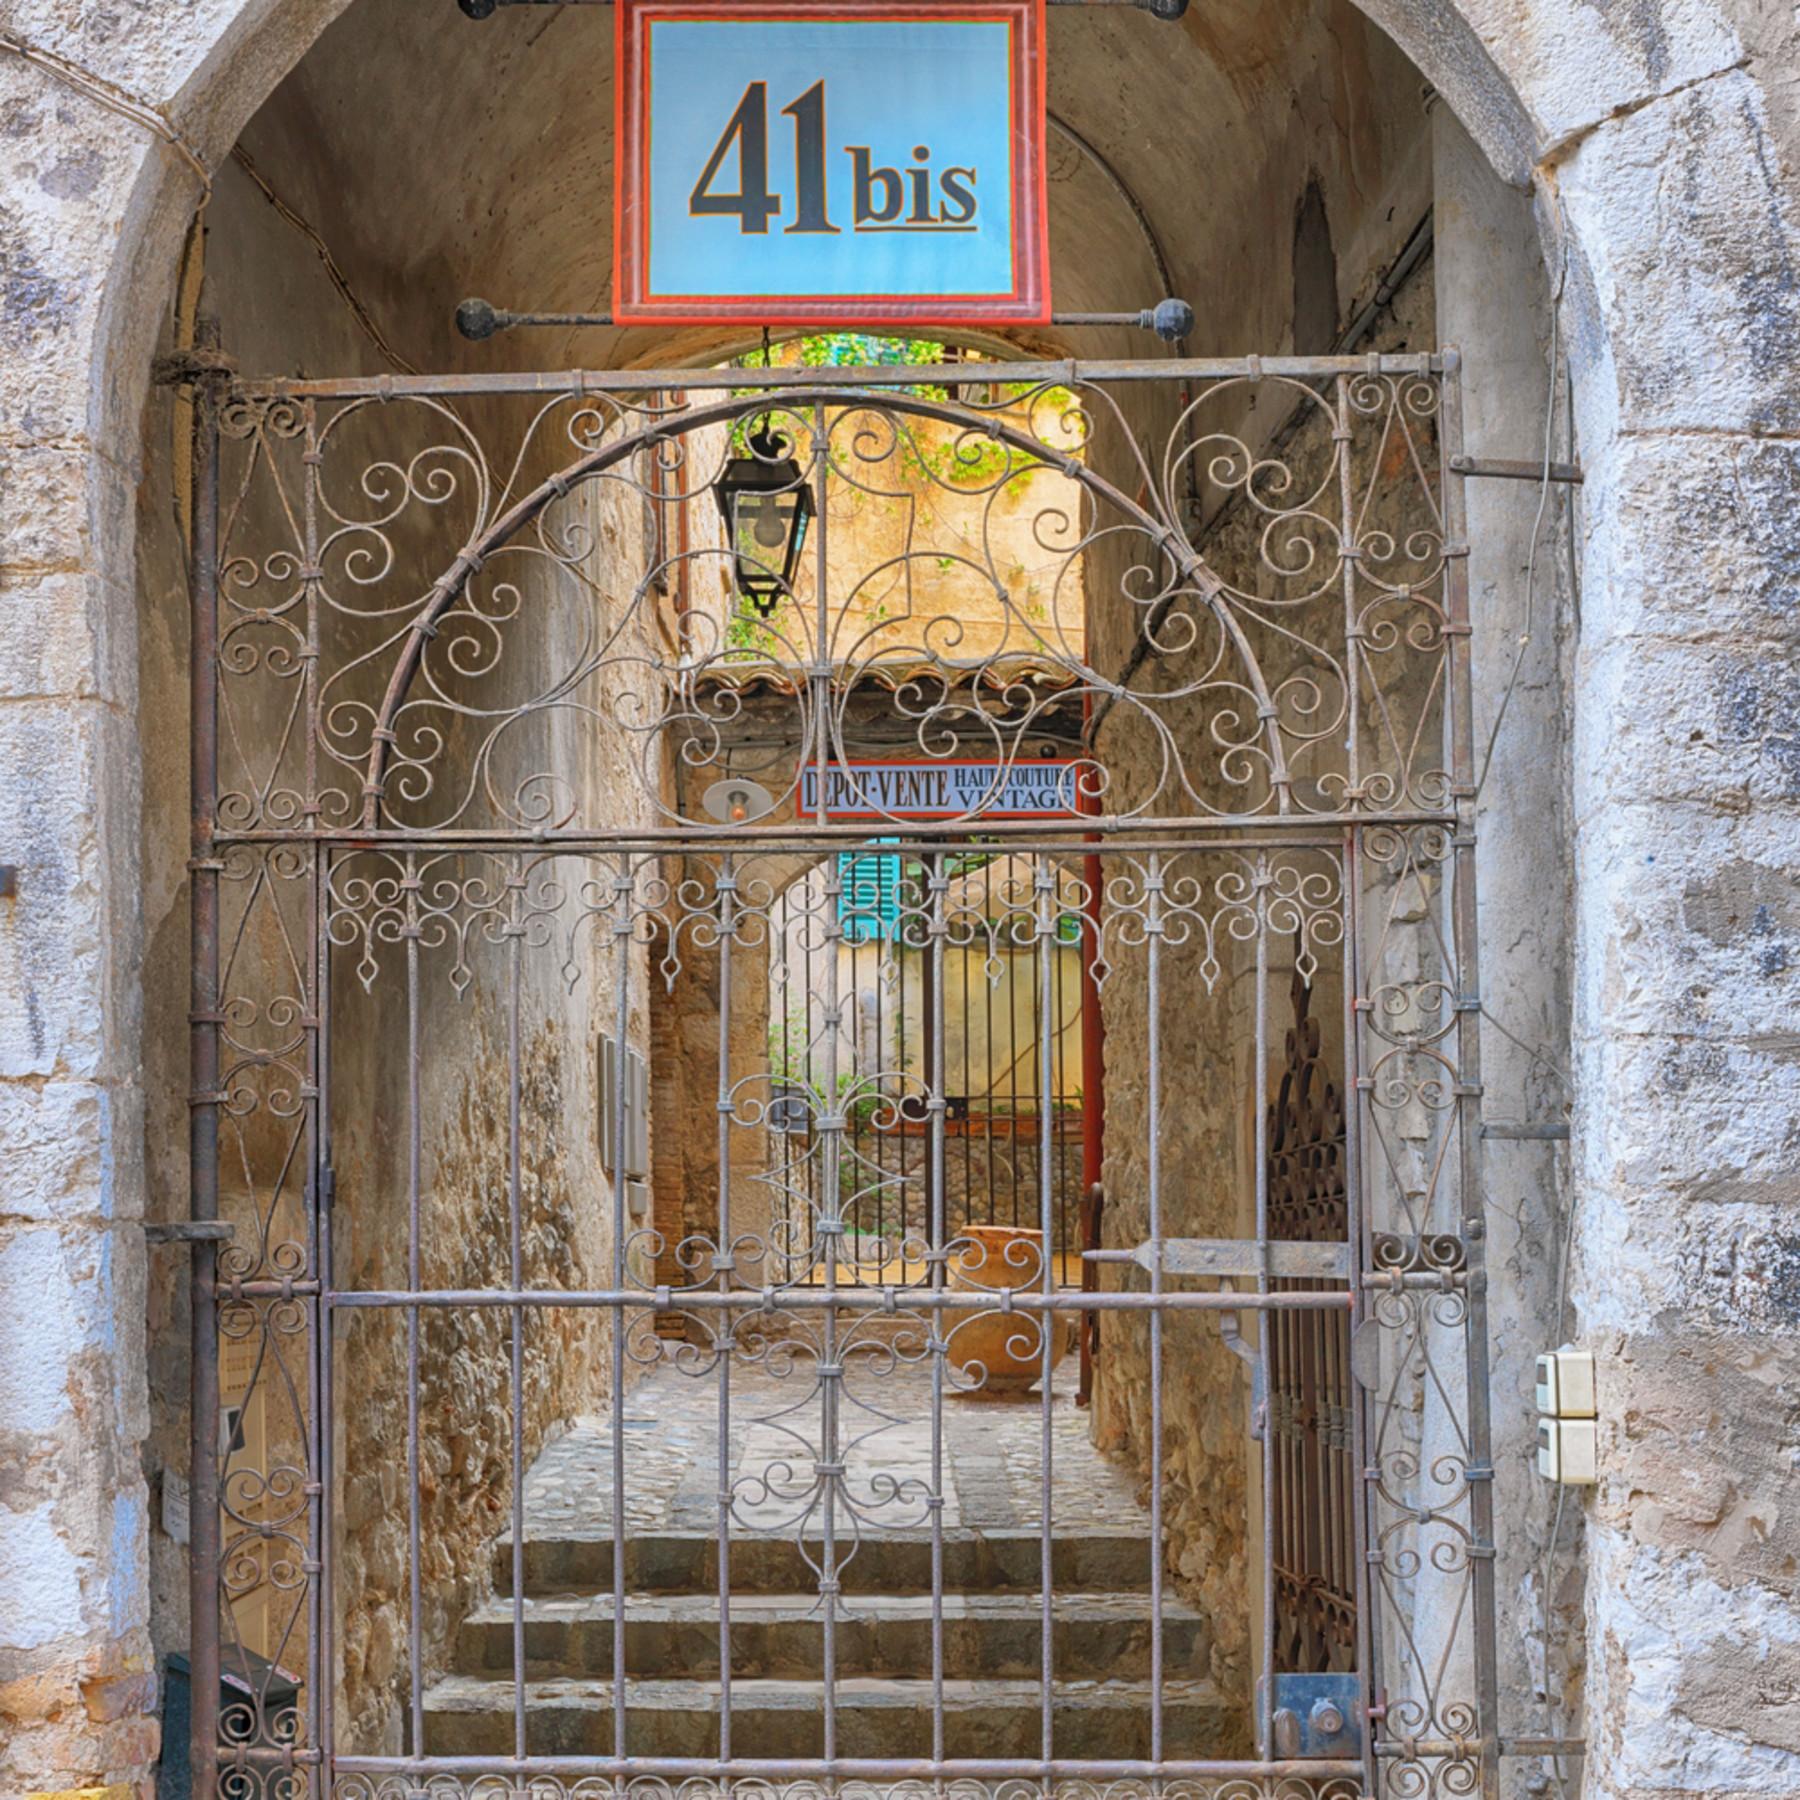 41bis hjyygq